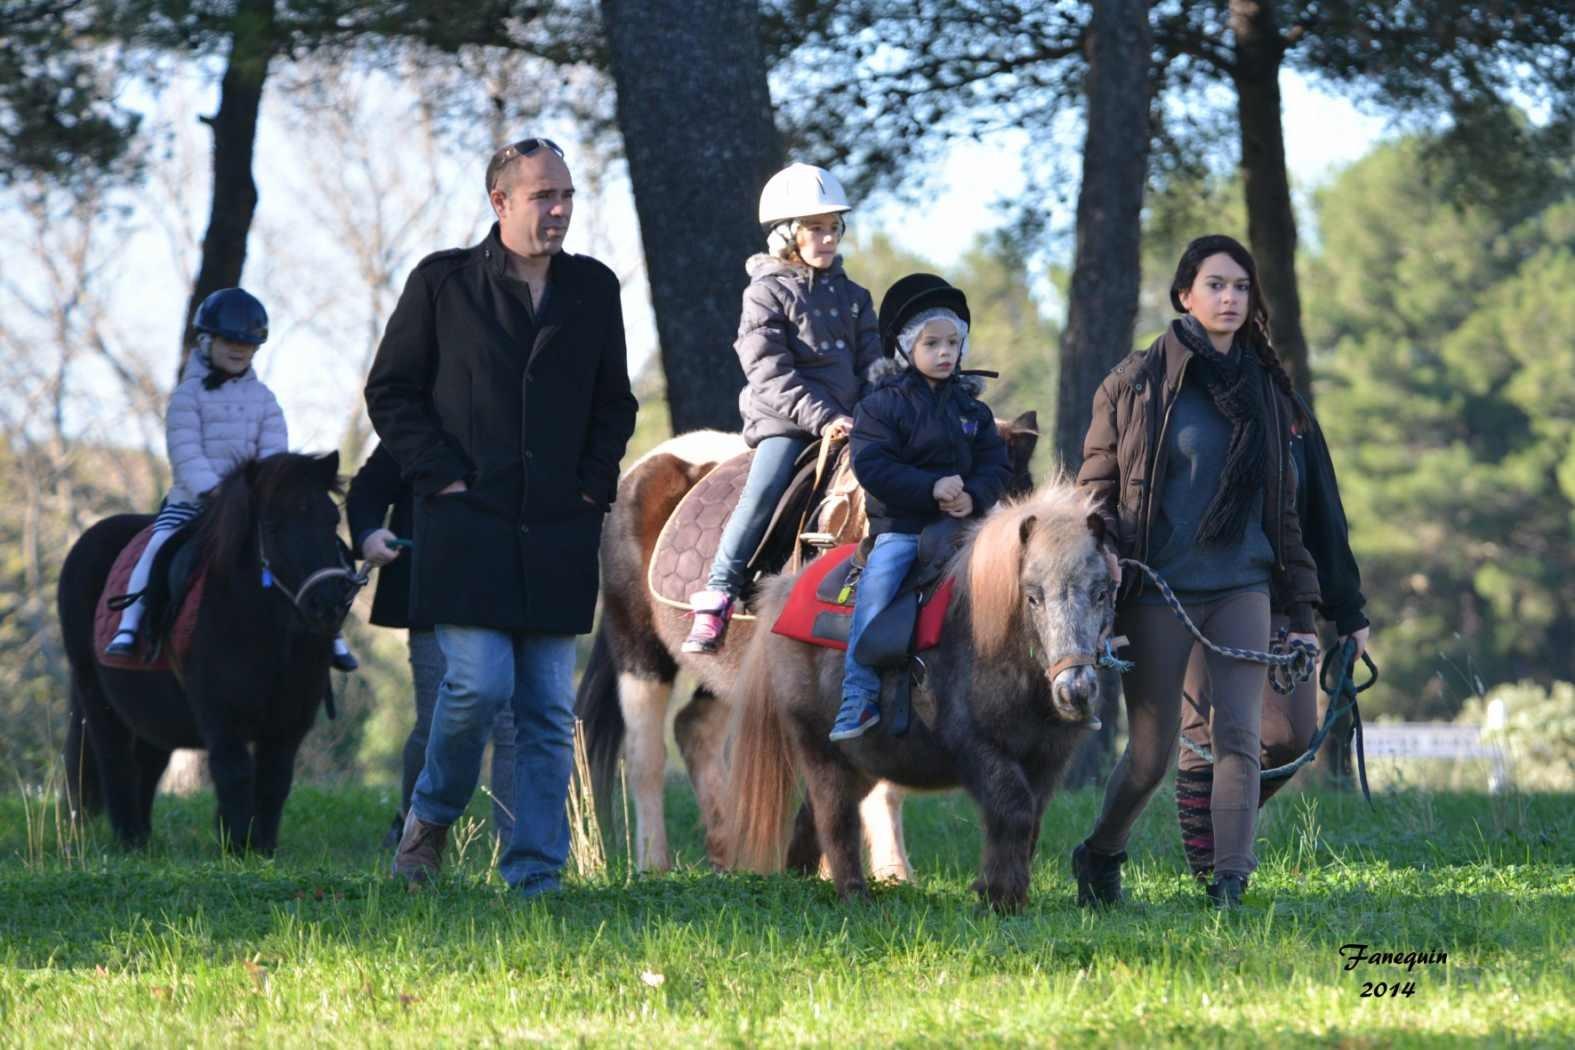 Marchés de Noël 2014 - Promenades en Poneys à Pignan - 18